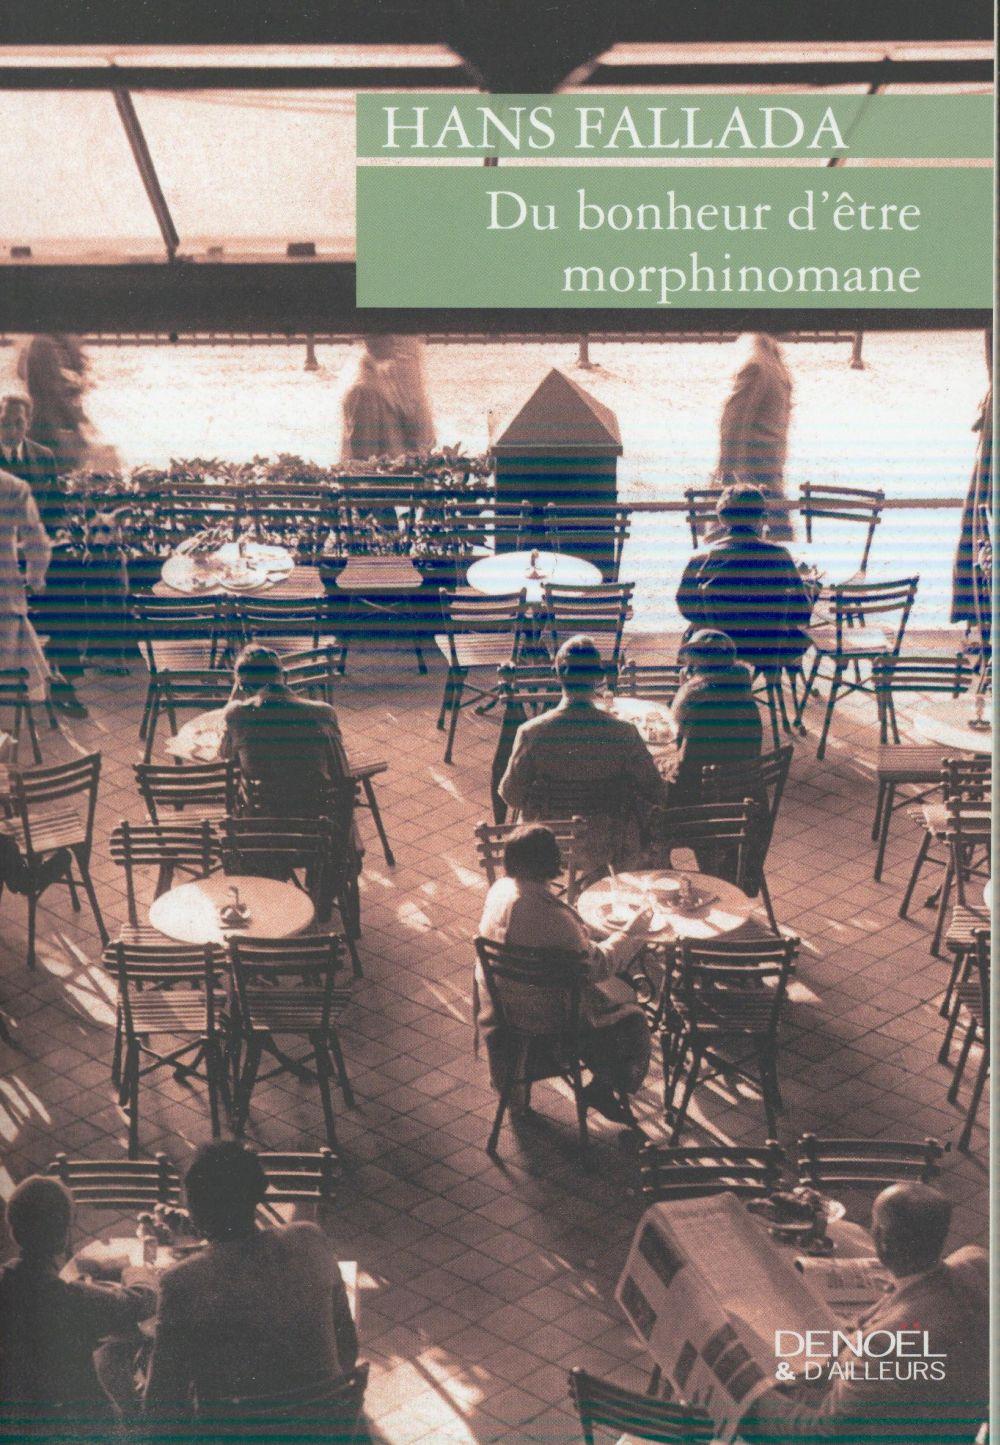 DU BONHEUR D'ETRE MORPHINOMANE